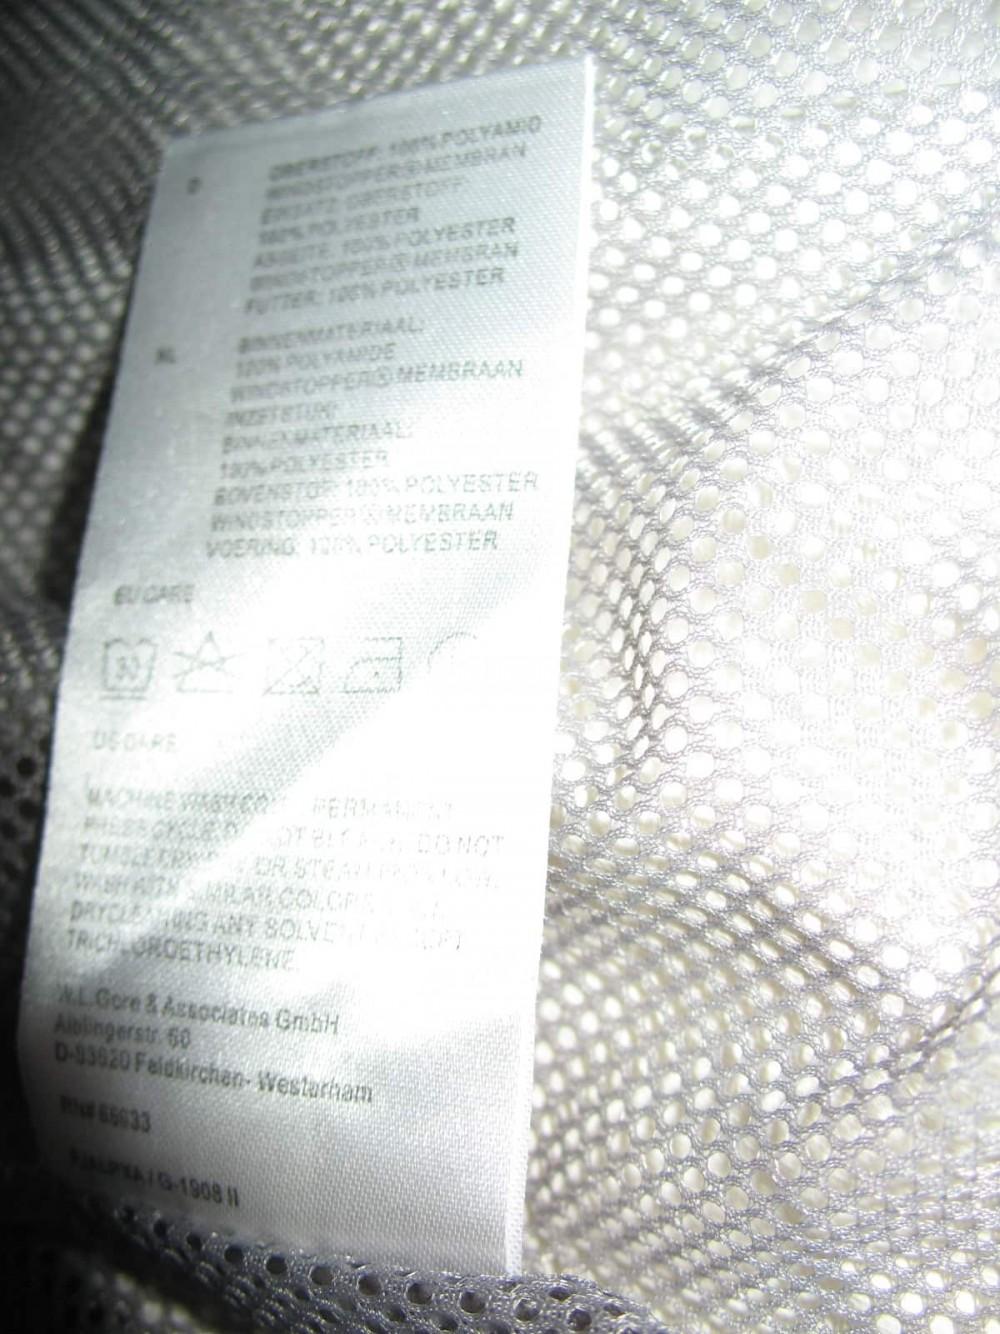 Велокуртка GORE BIKE WEAR 2in1 windstopper jacket lady (размер 40/XL) - 9